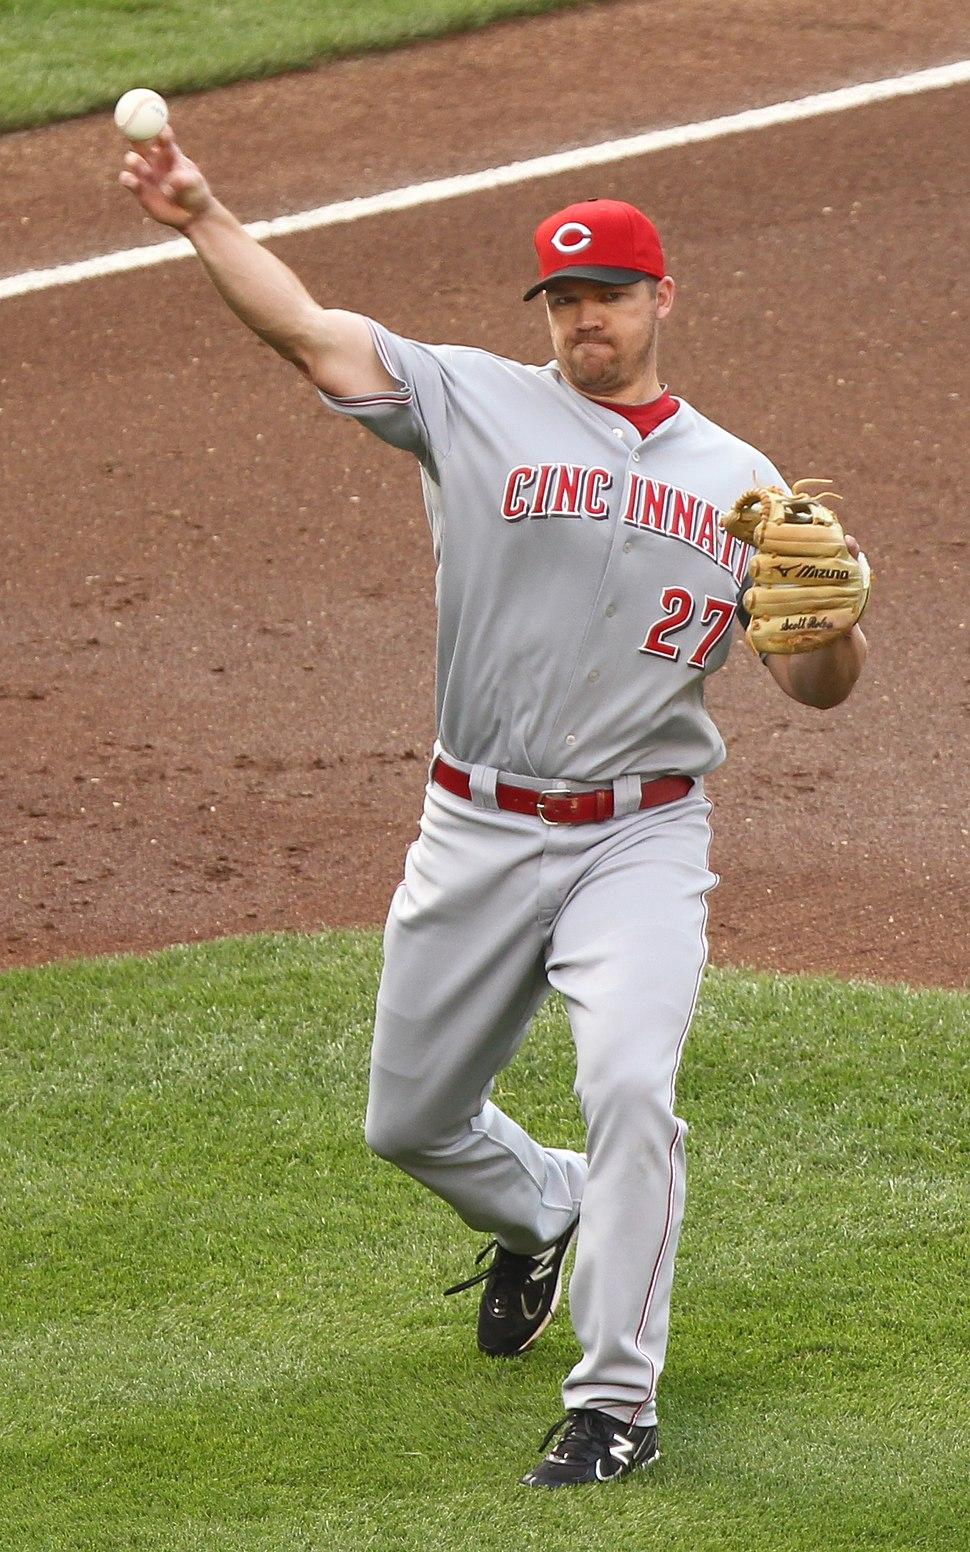 Scott Rolen on June 25, 2011